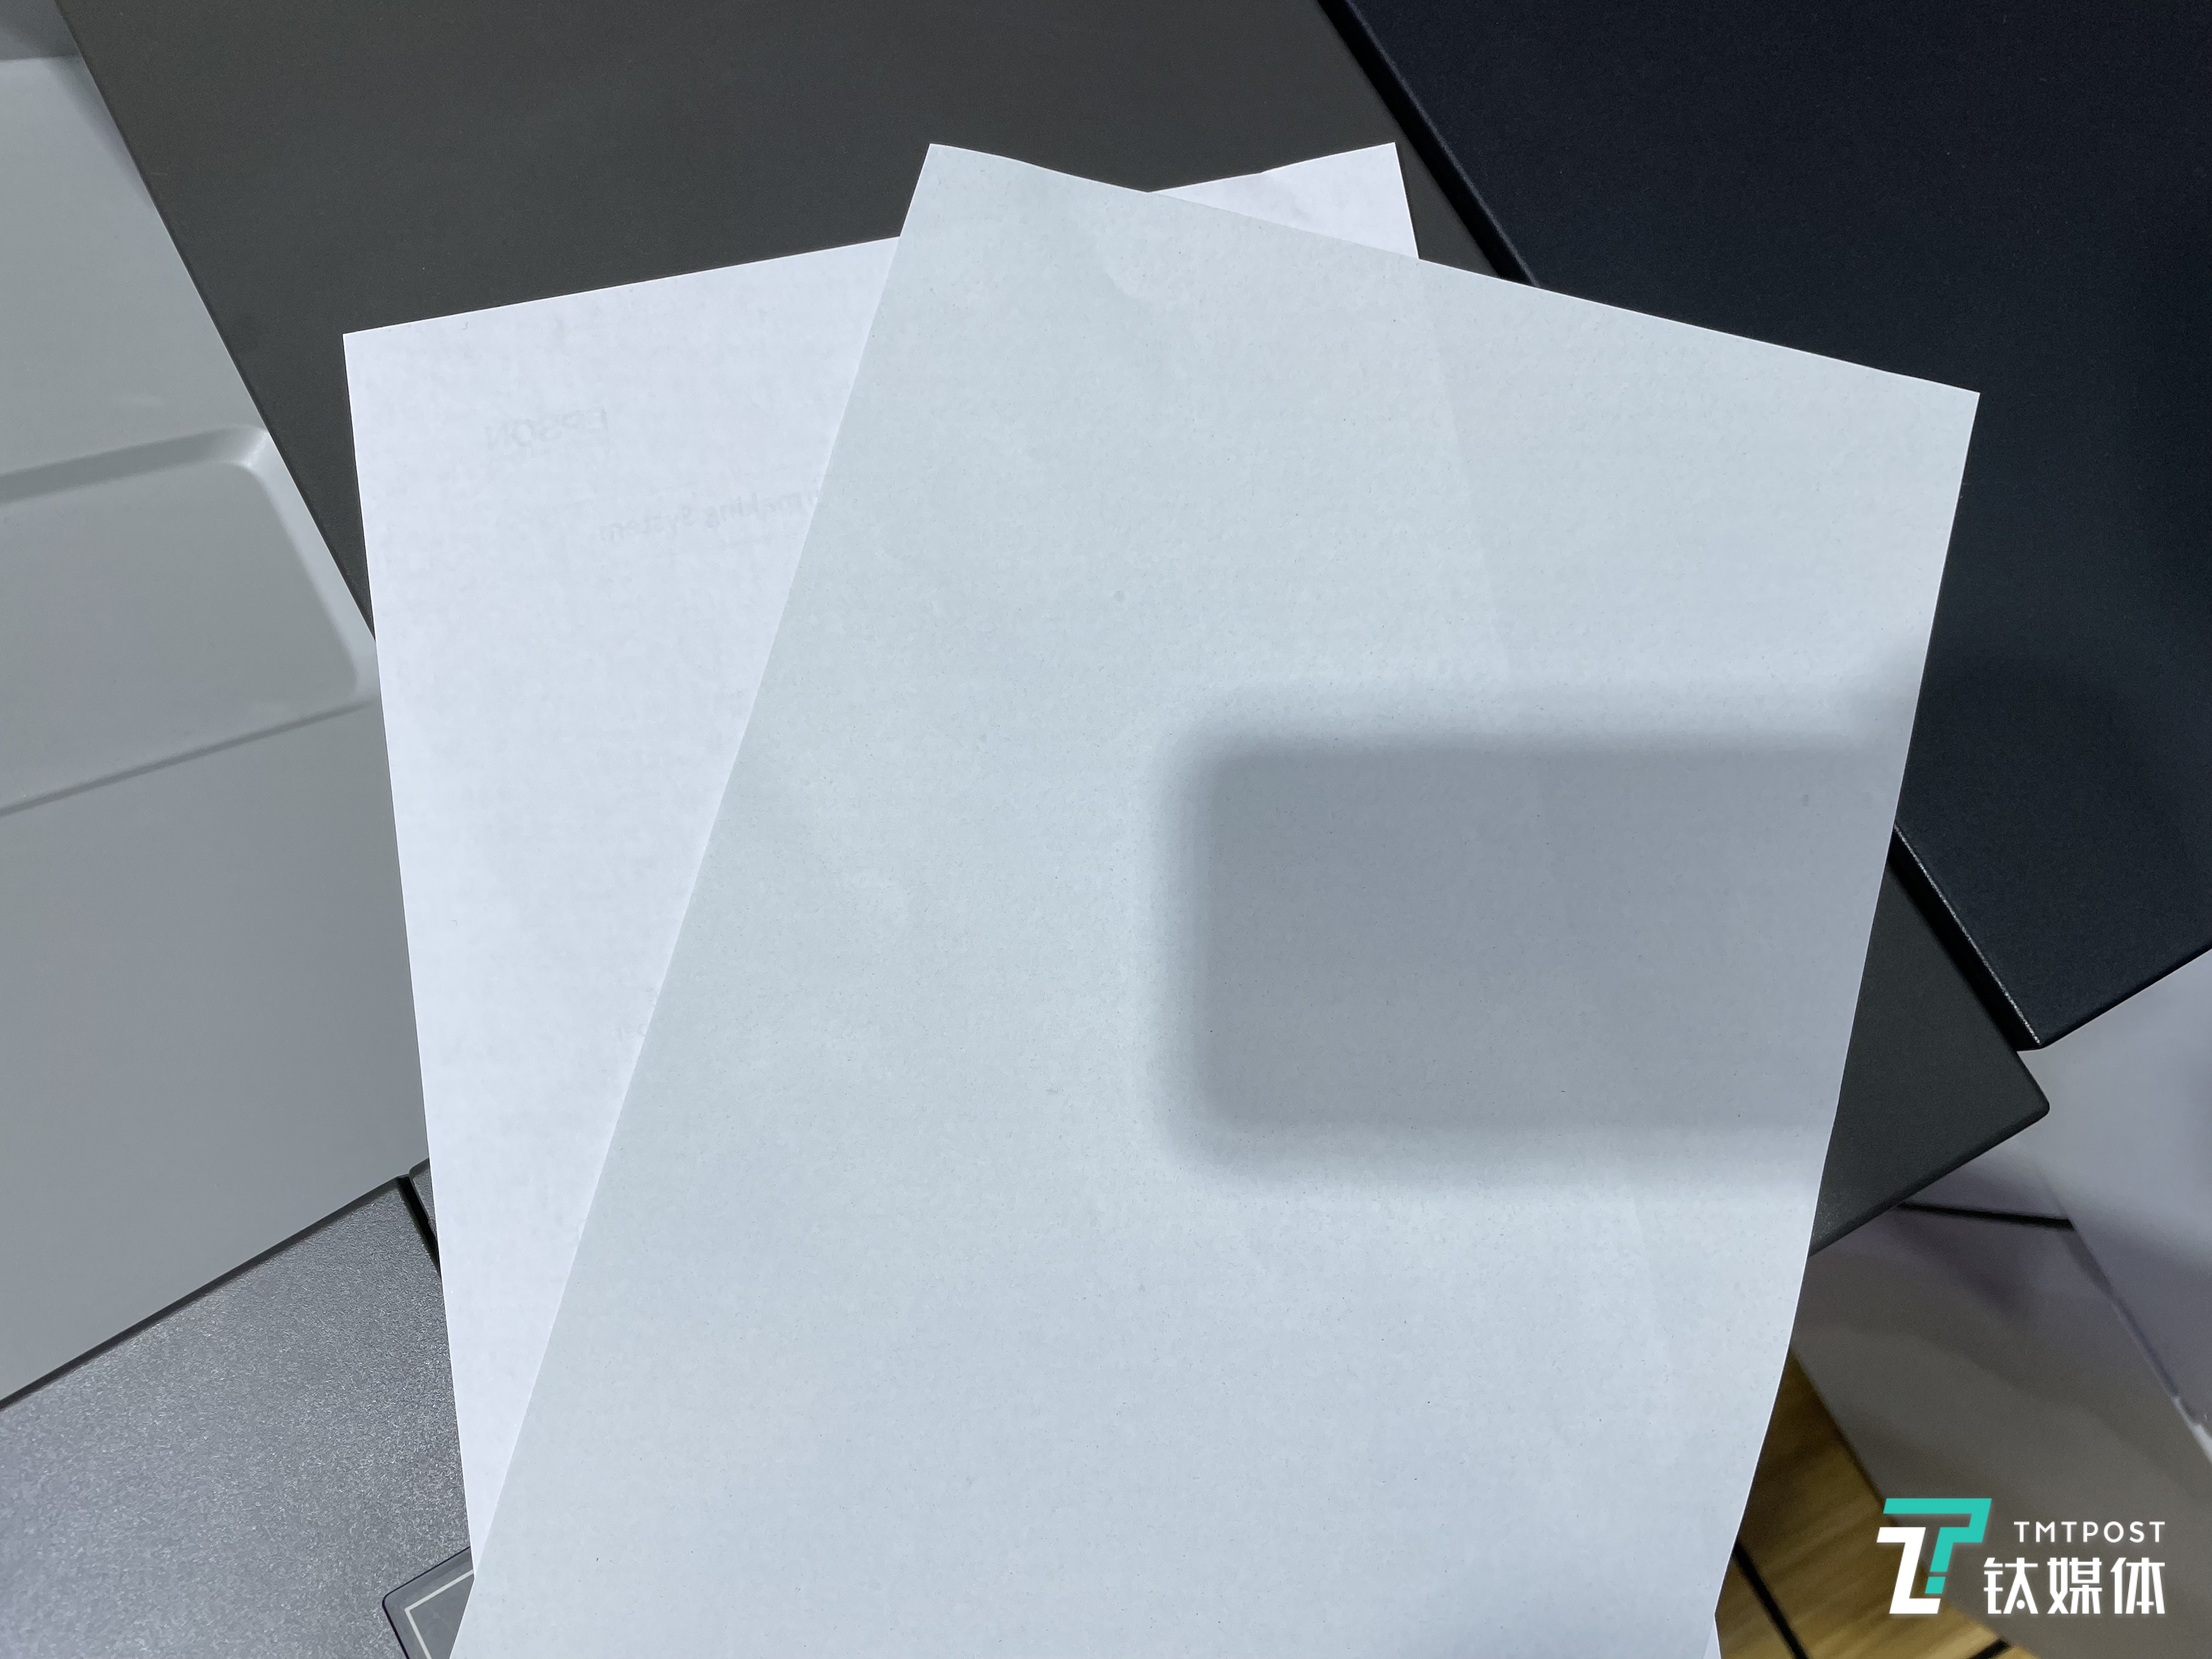 普通纸(左)与再生纸(右)对比